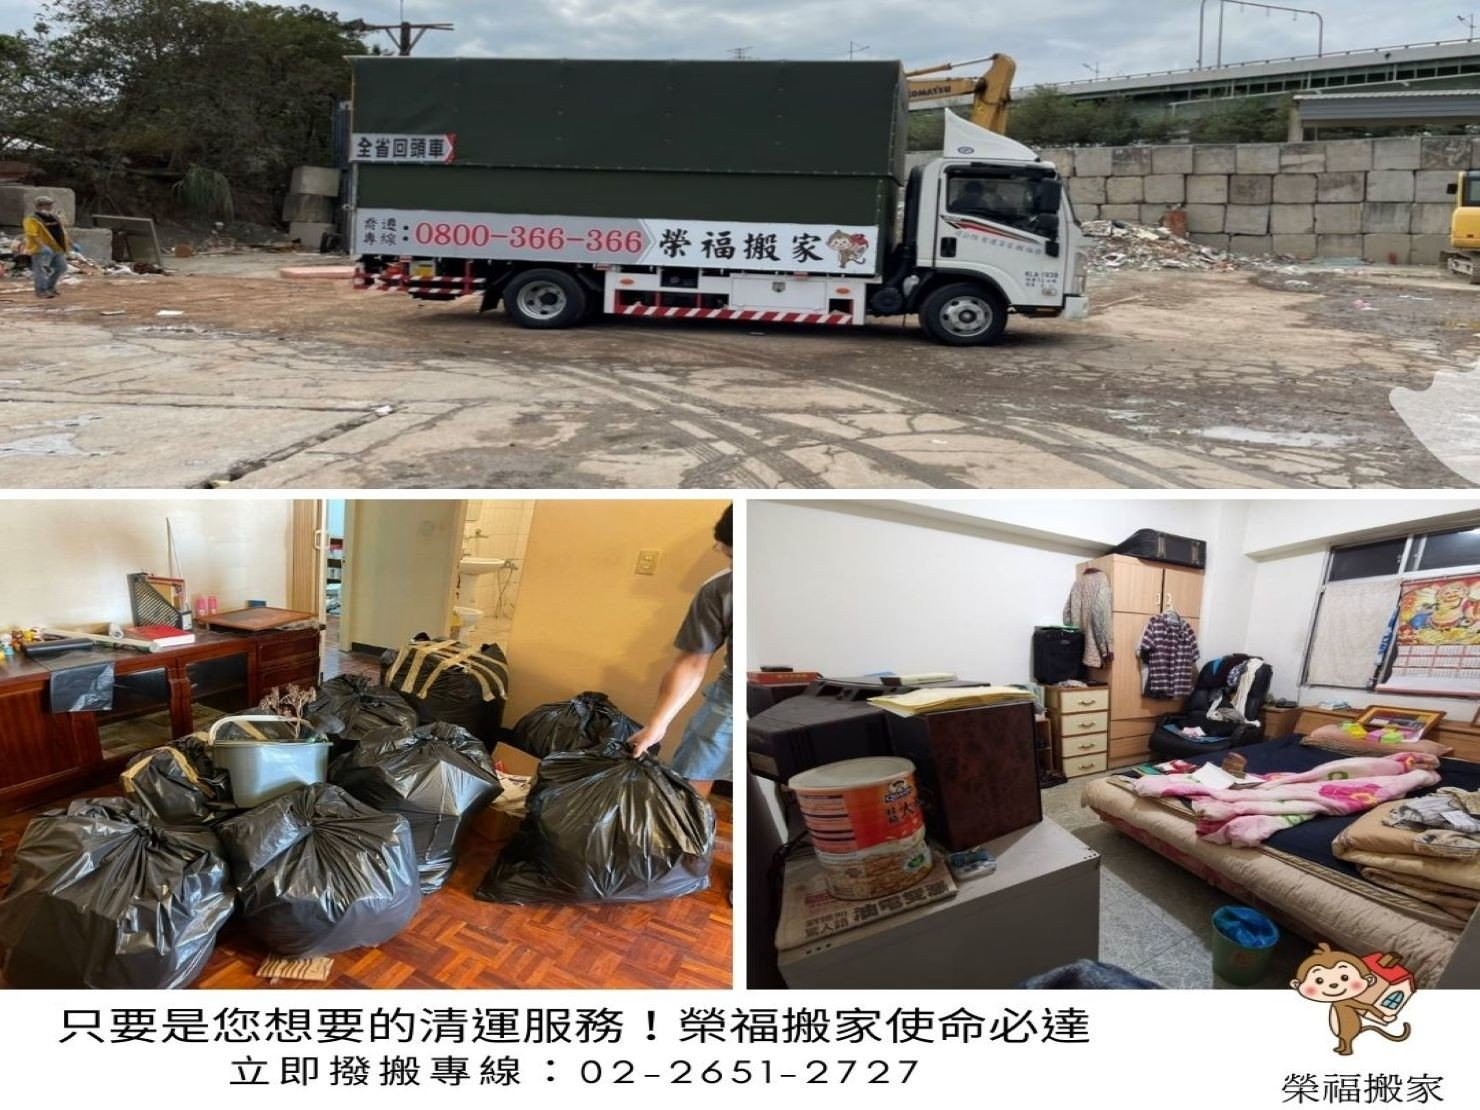 【廢棄物處理清運、家庭家具垃圾處理】整屋全部都不要,搬家公司可以代為清運、丟棄家具及搬垃圾嗎?